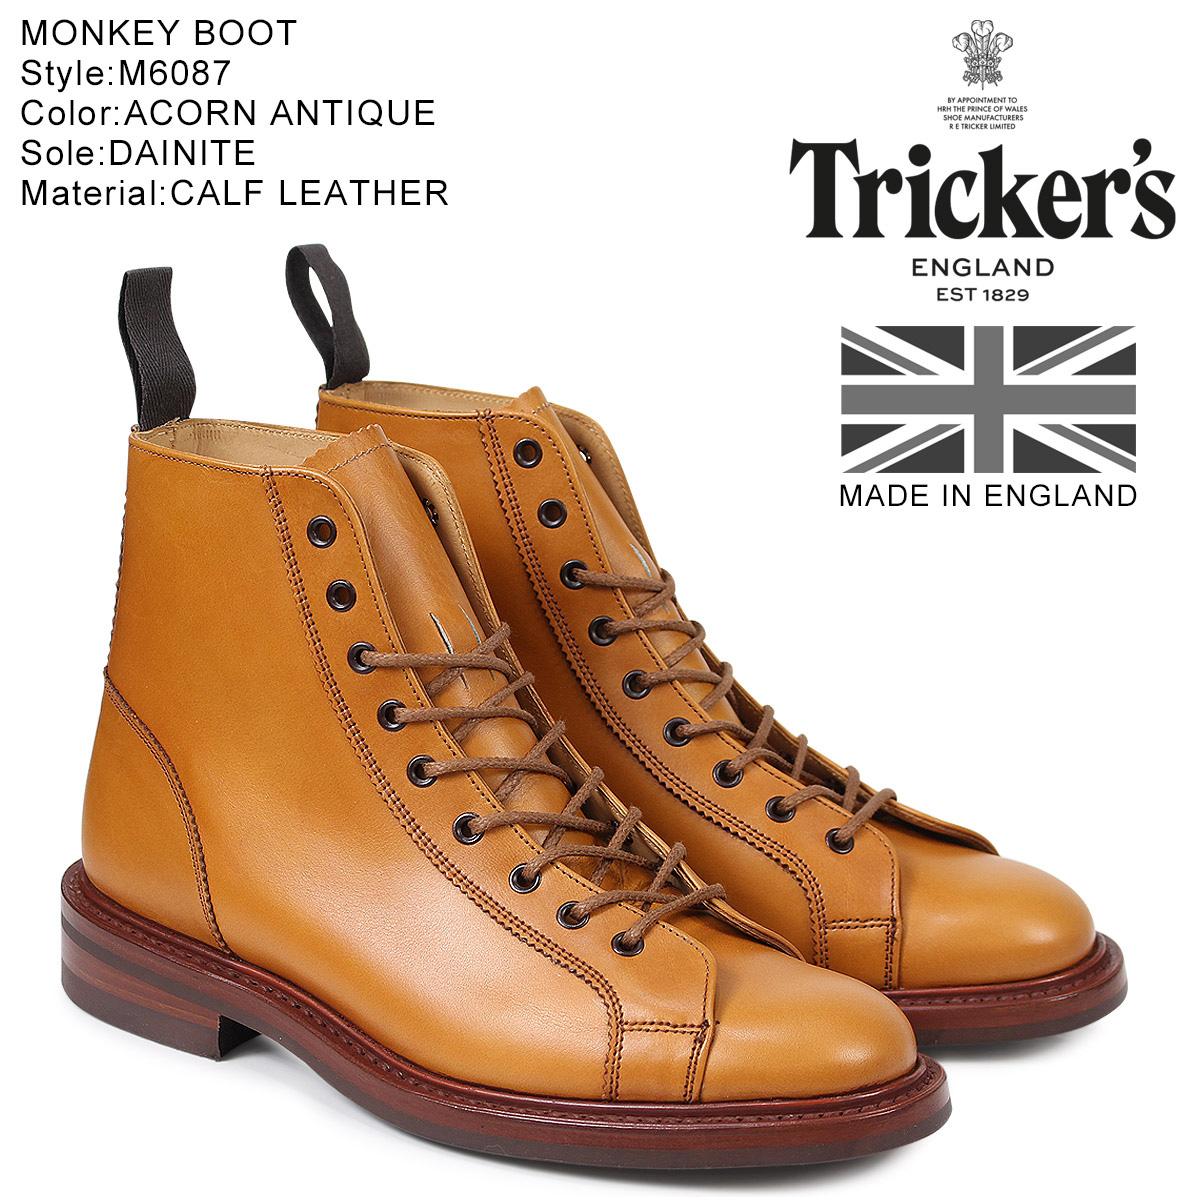 【最大2000円OFFクーポン】 トリッカーズ Tricker's モンキーブーツ MONKEY BOOT M6087 5ワイズ メンズ